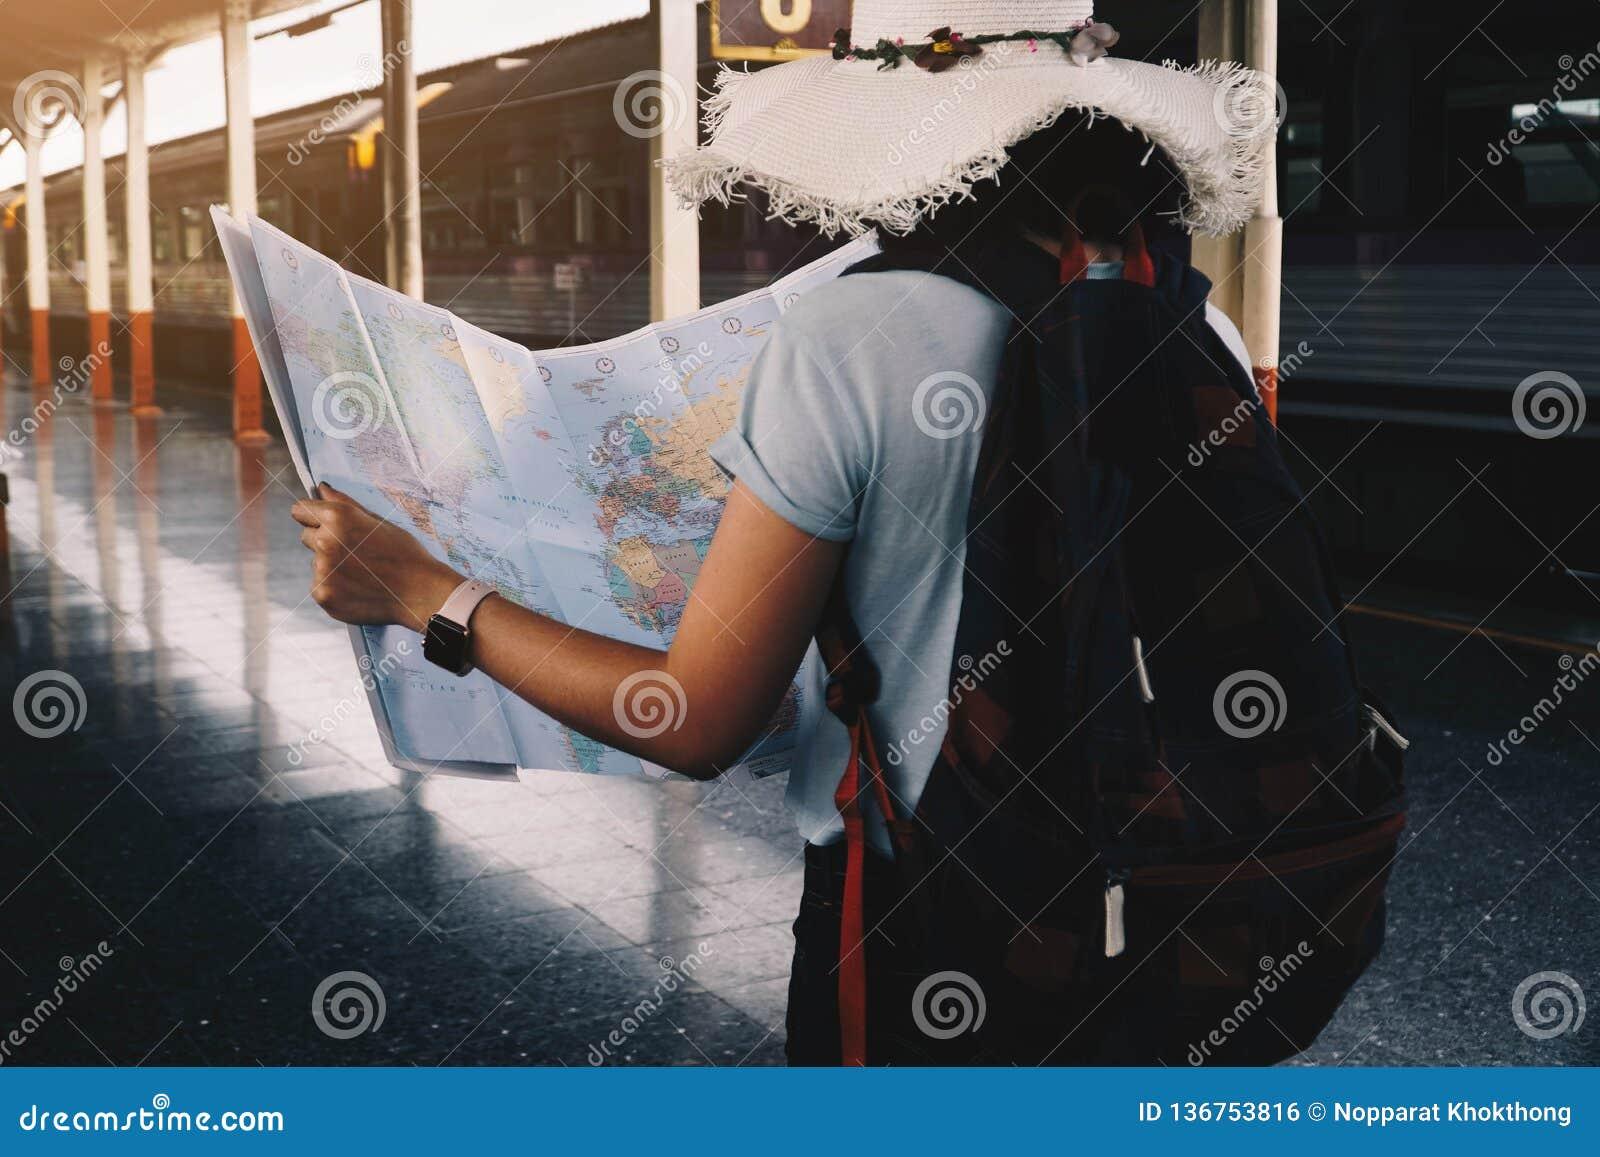 Положение карты удерживания путешественника молодой женщины на платформе на вокзале для перемещения Концепция перемещения поездом